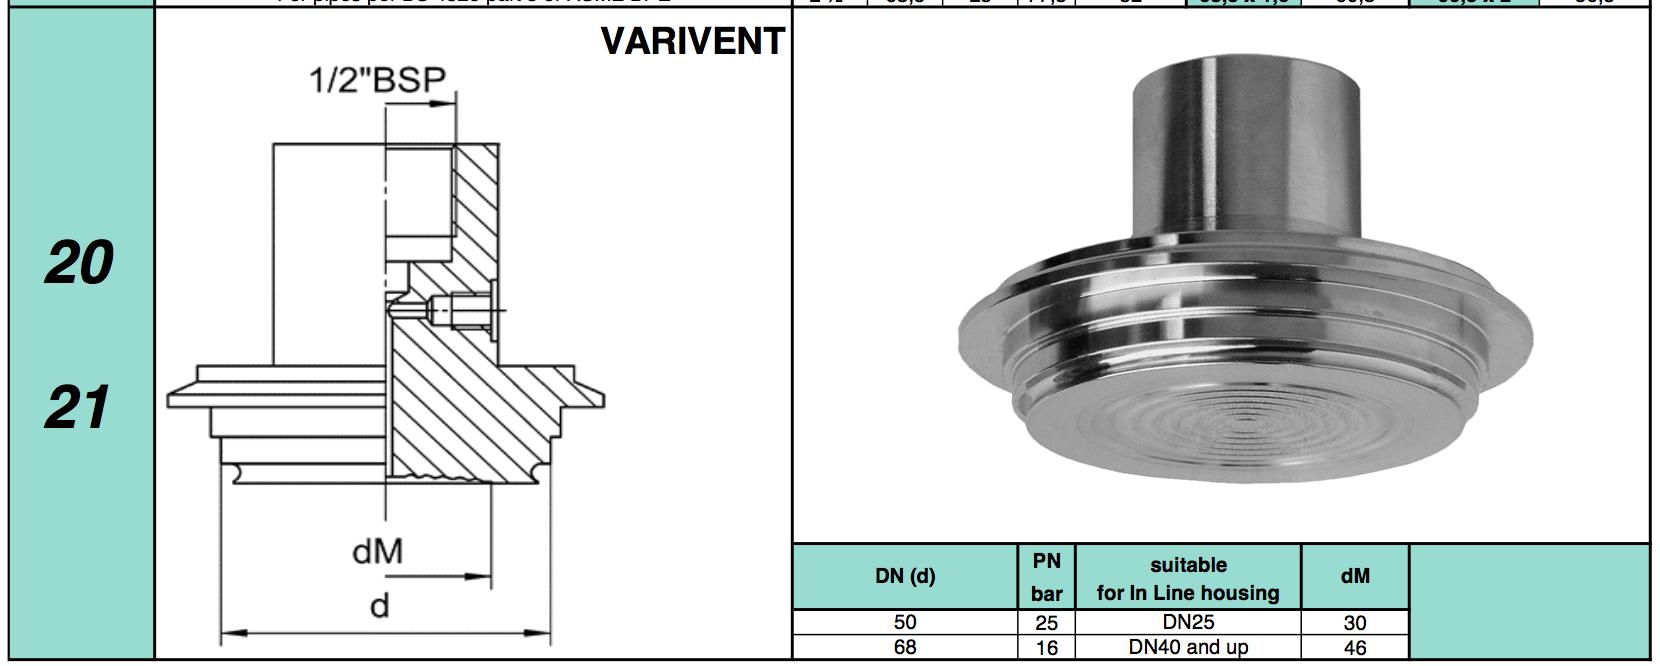 chuẩn kết nối dạng varivent